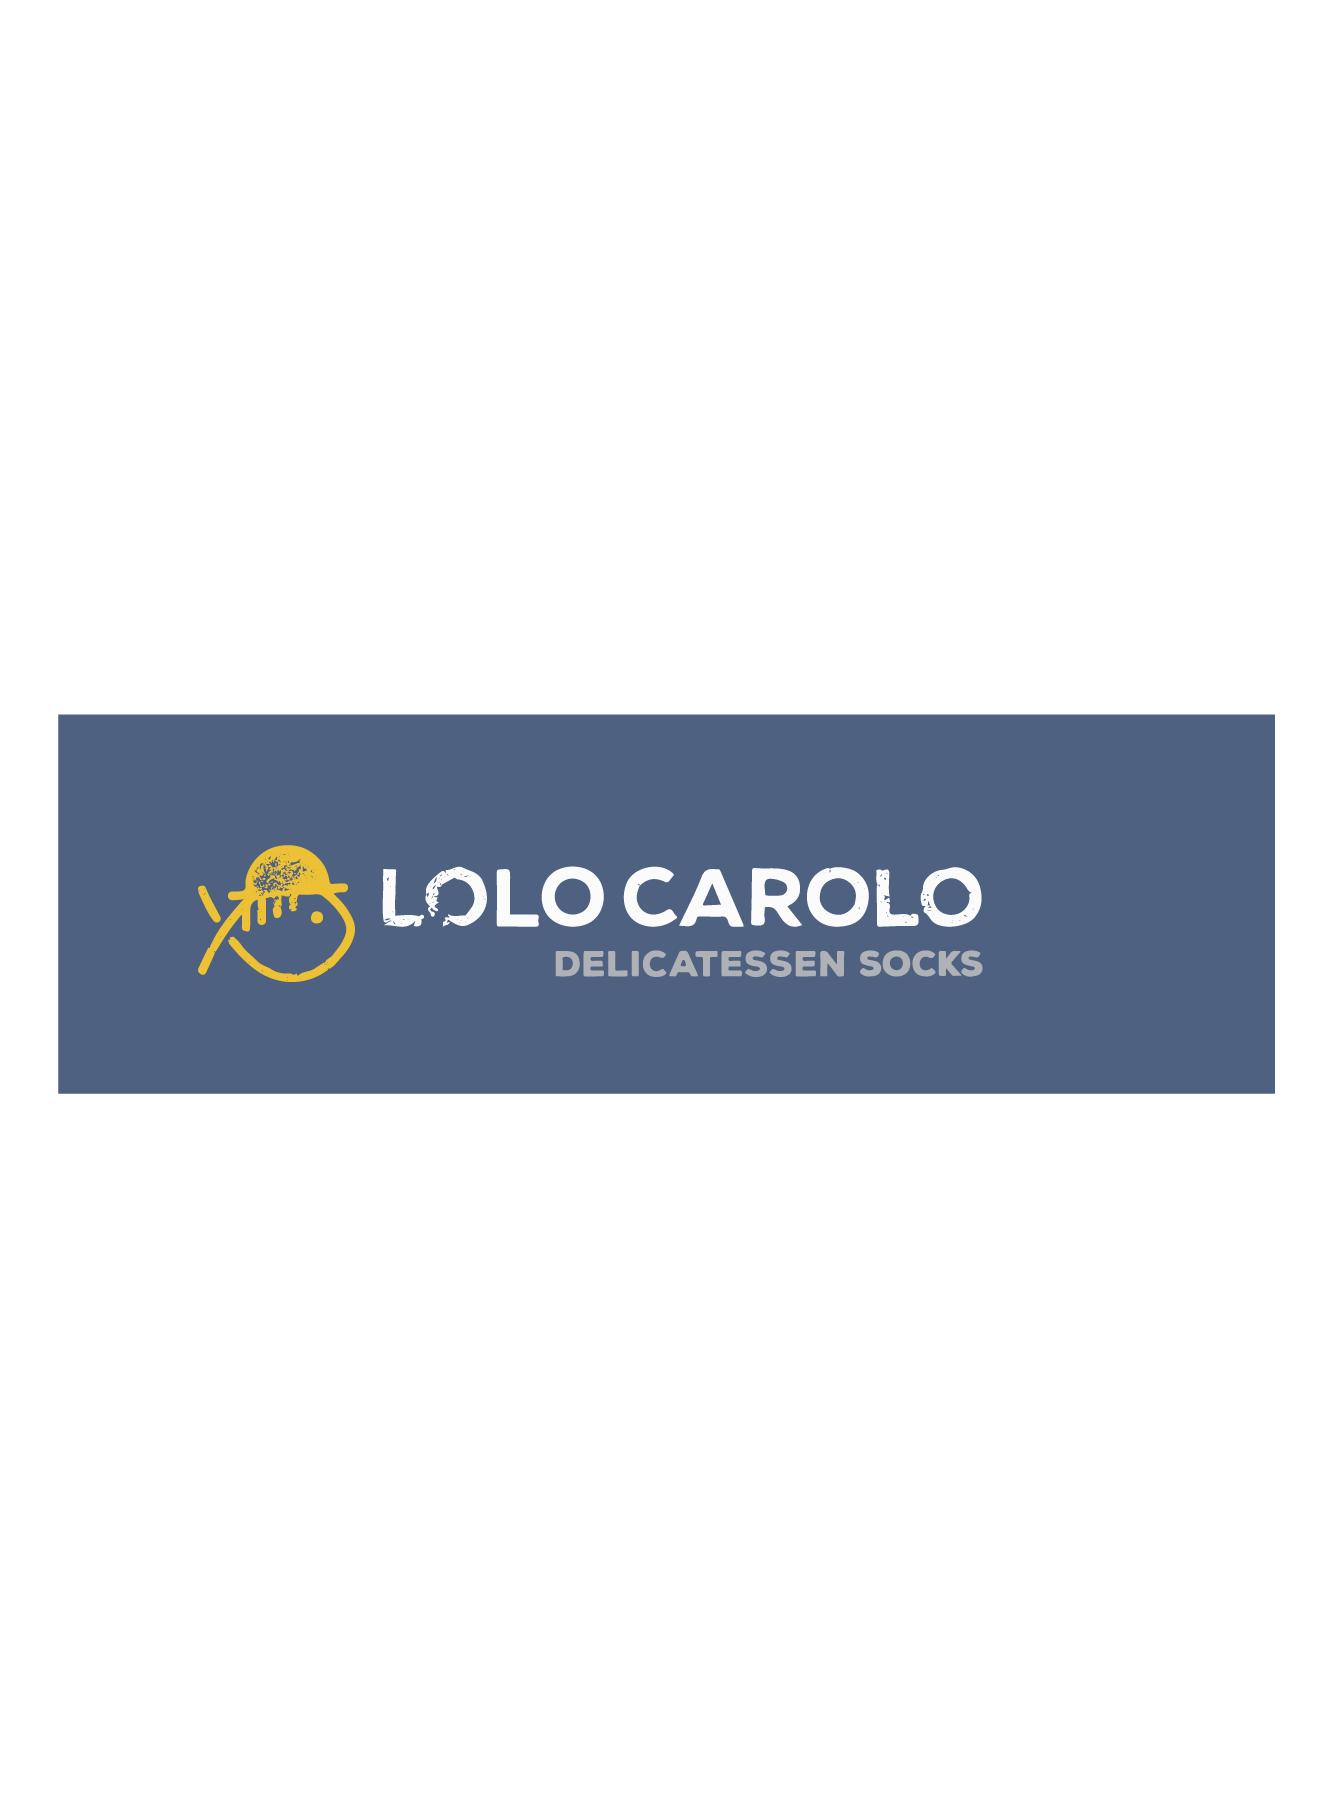 lolocarolo_perfil